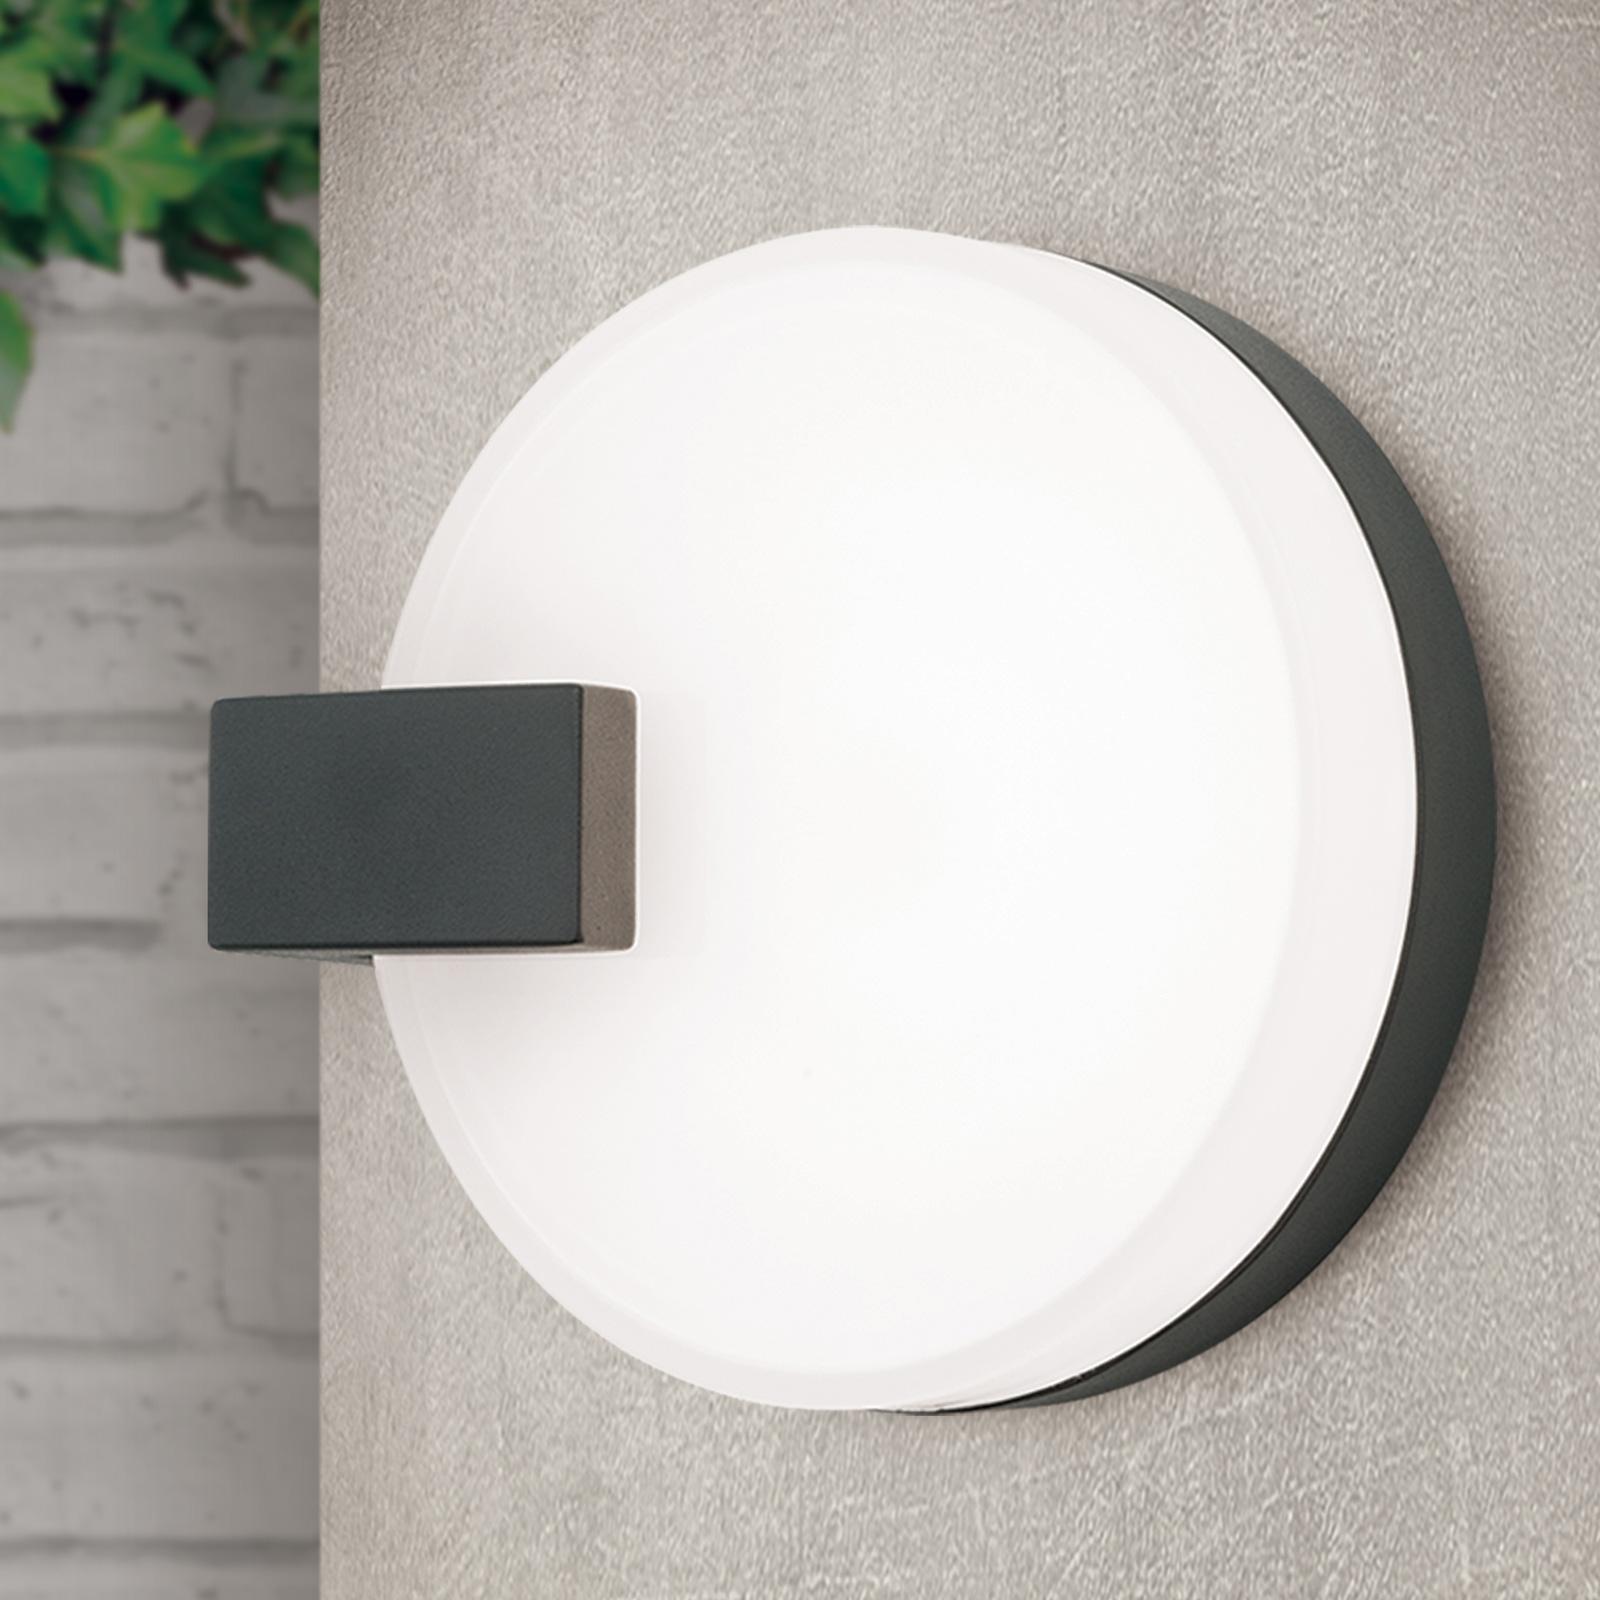 Utendørs LED-vegglampe Astra av silumintrykk